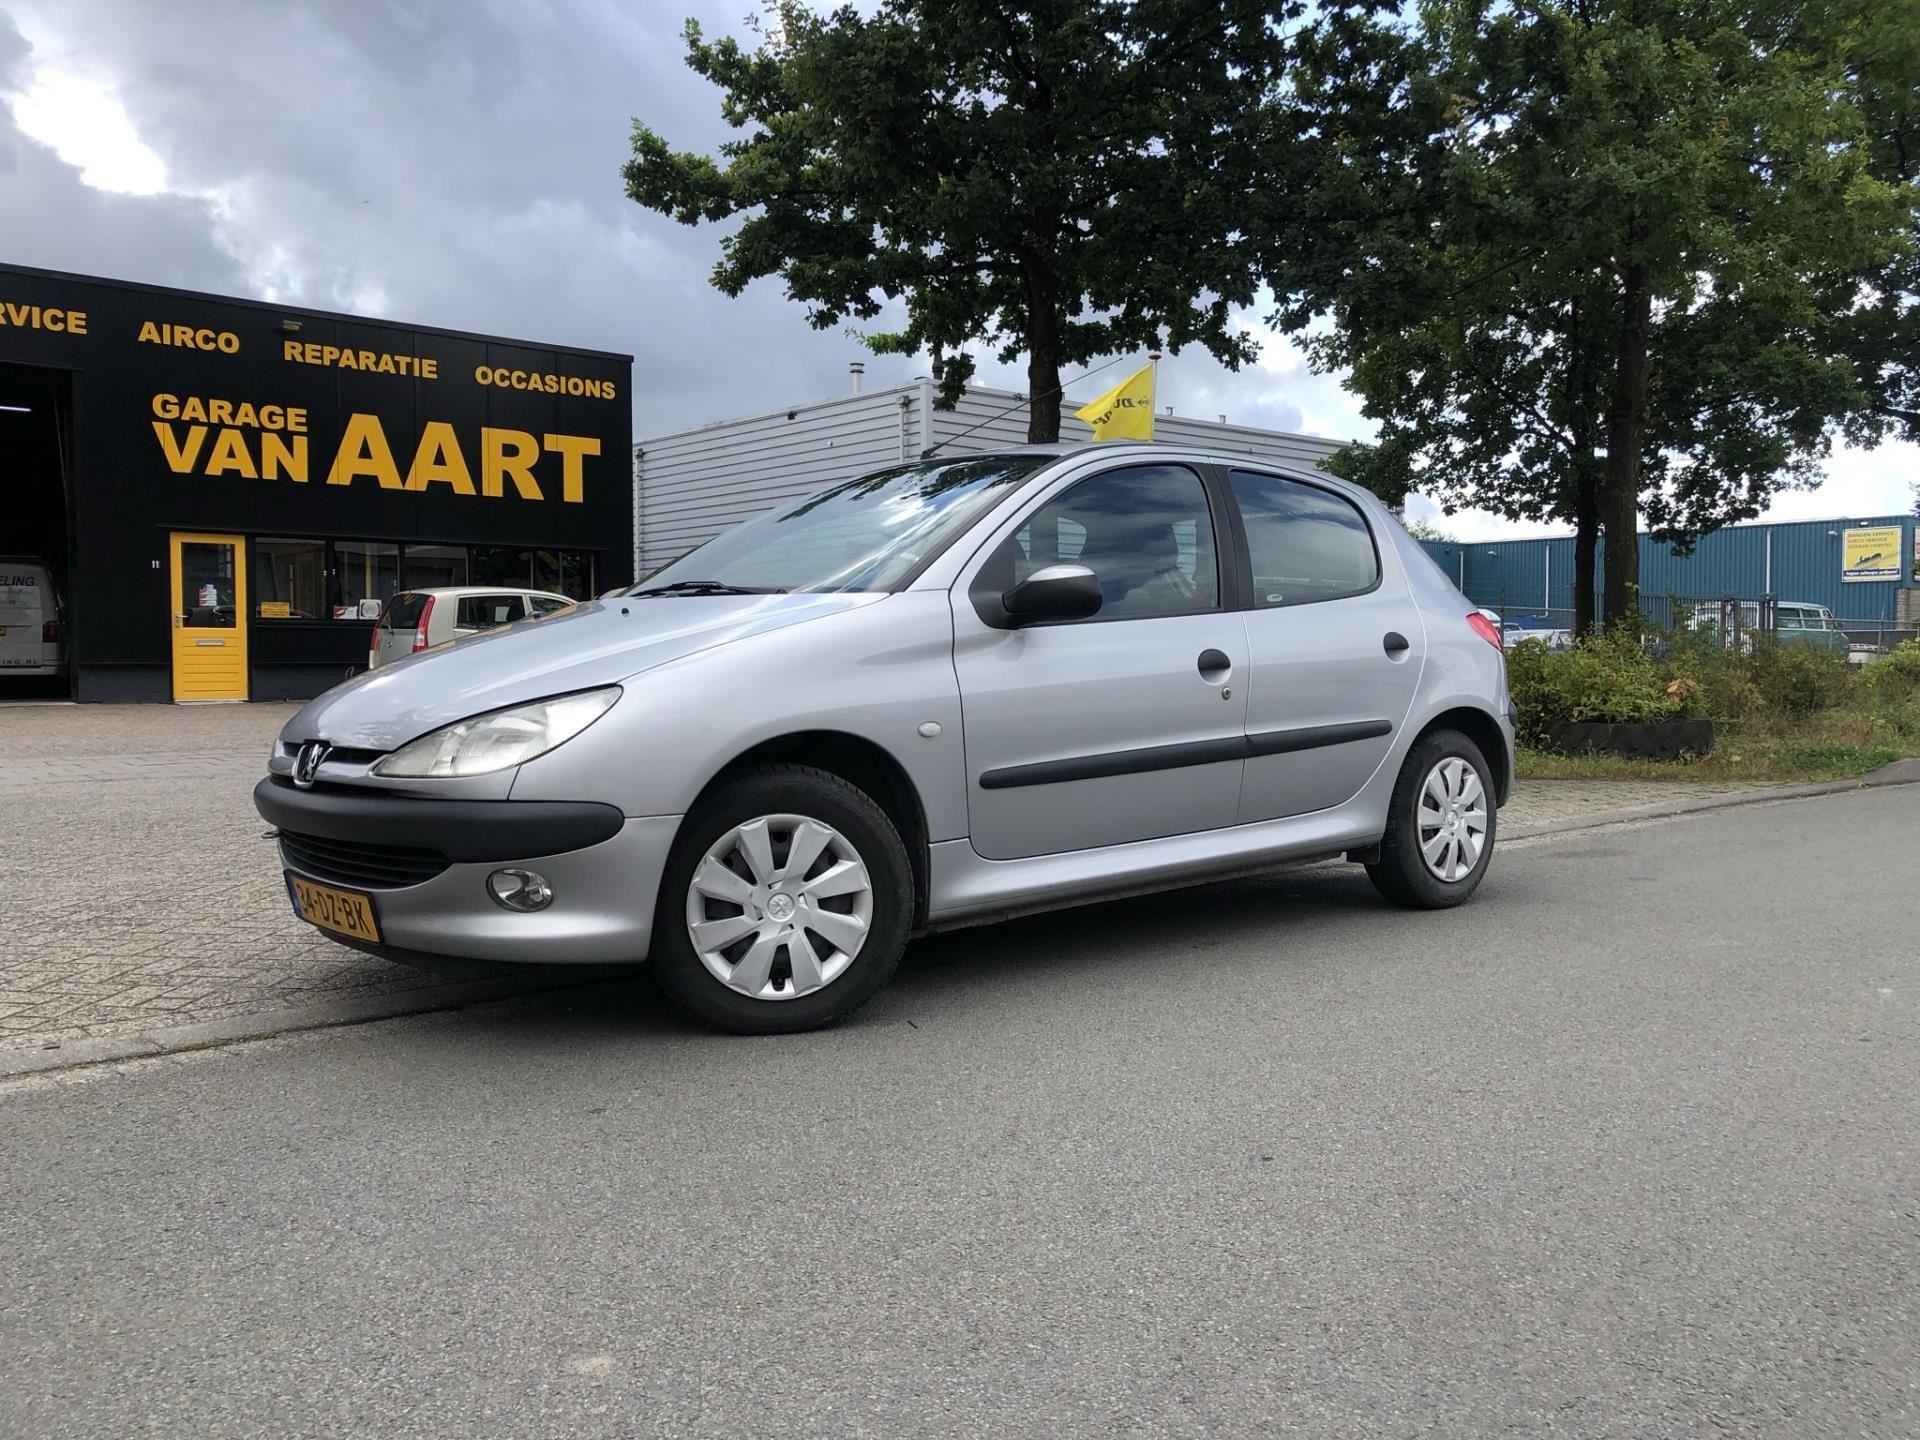 Peugeot 206 occasion - Garage van Aart